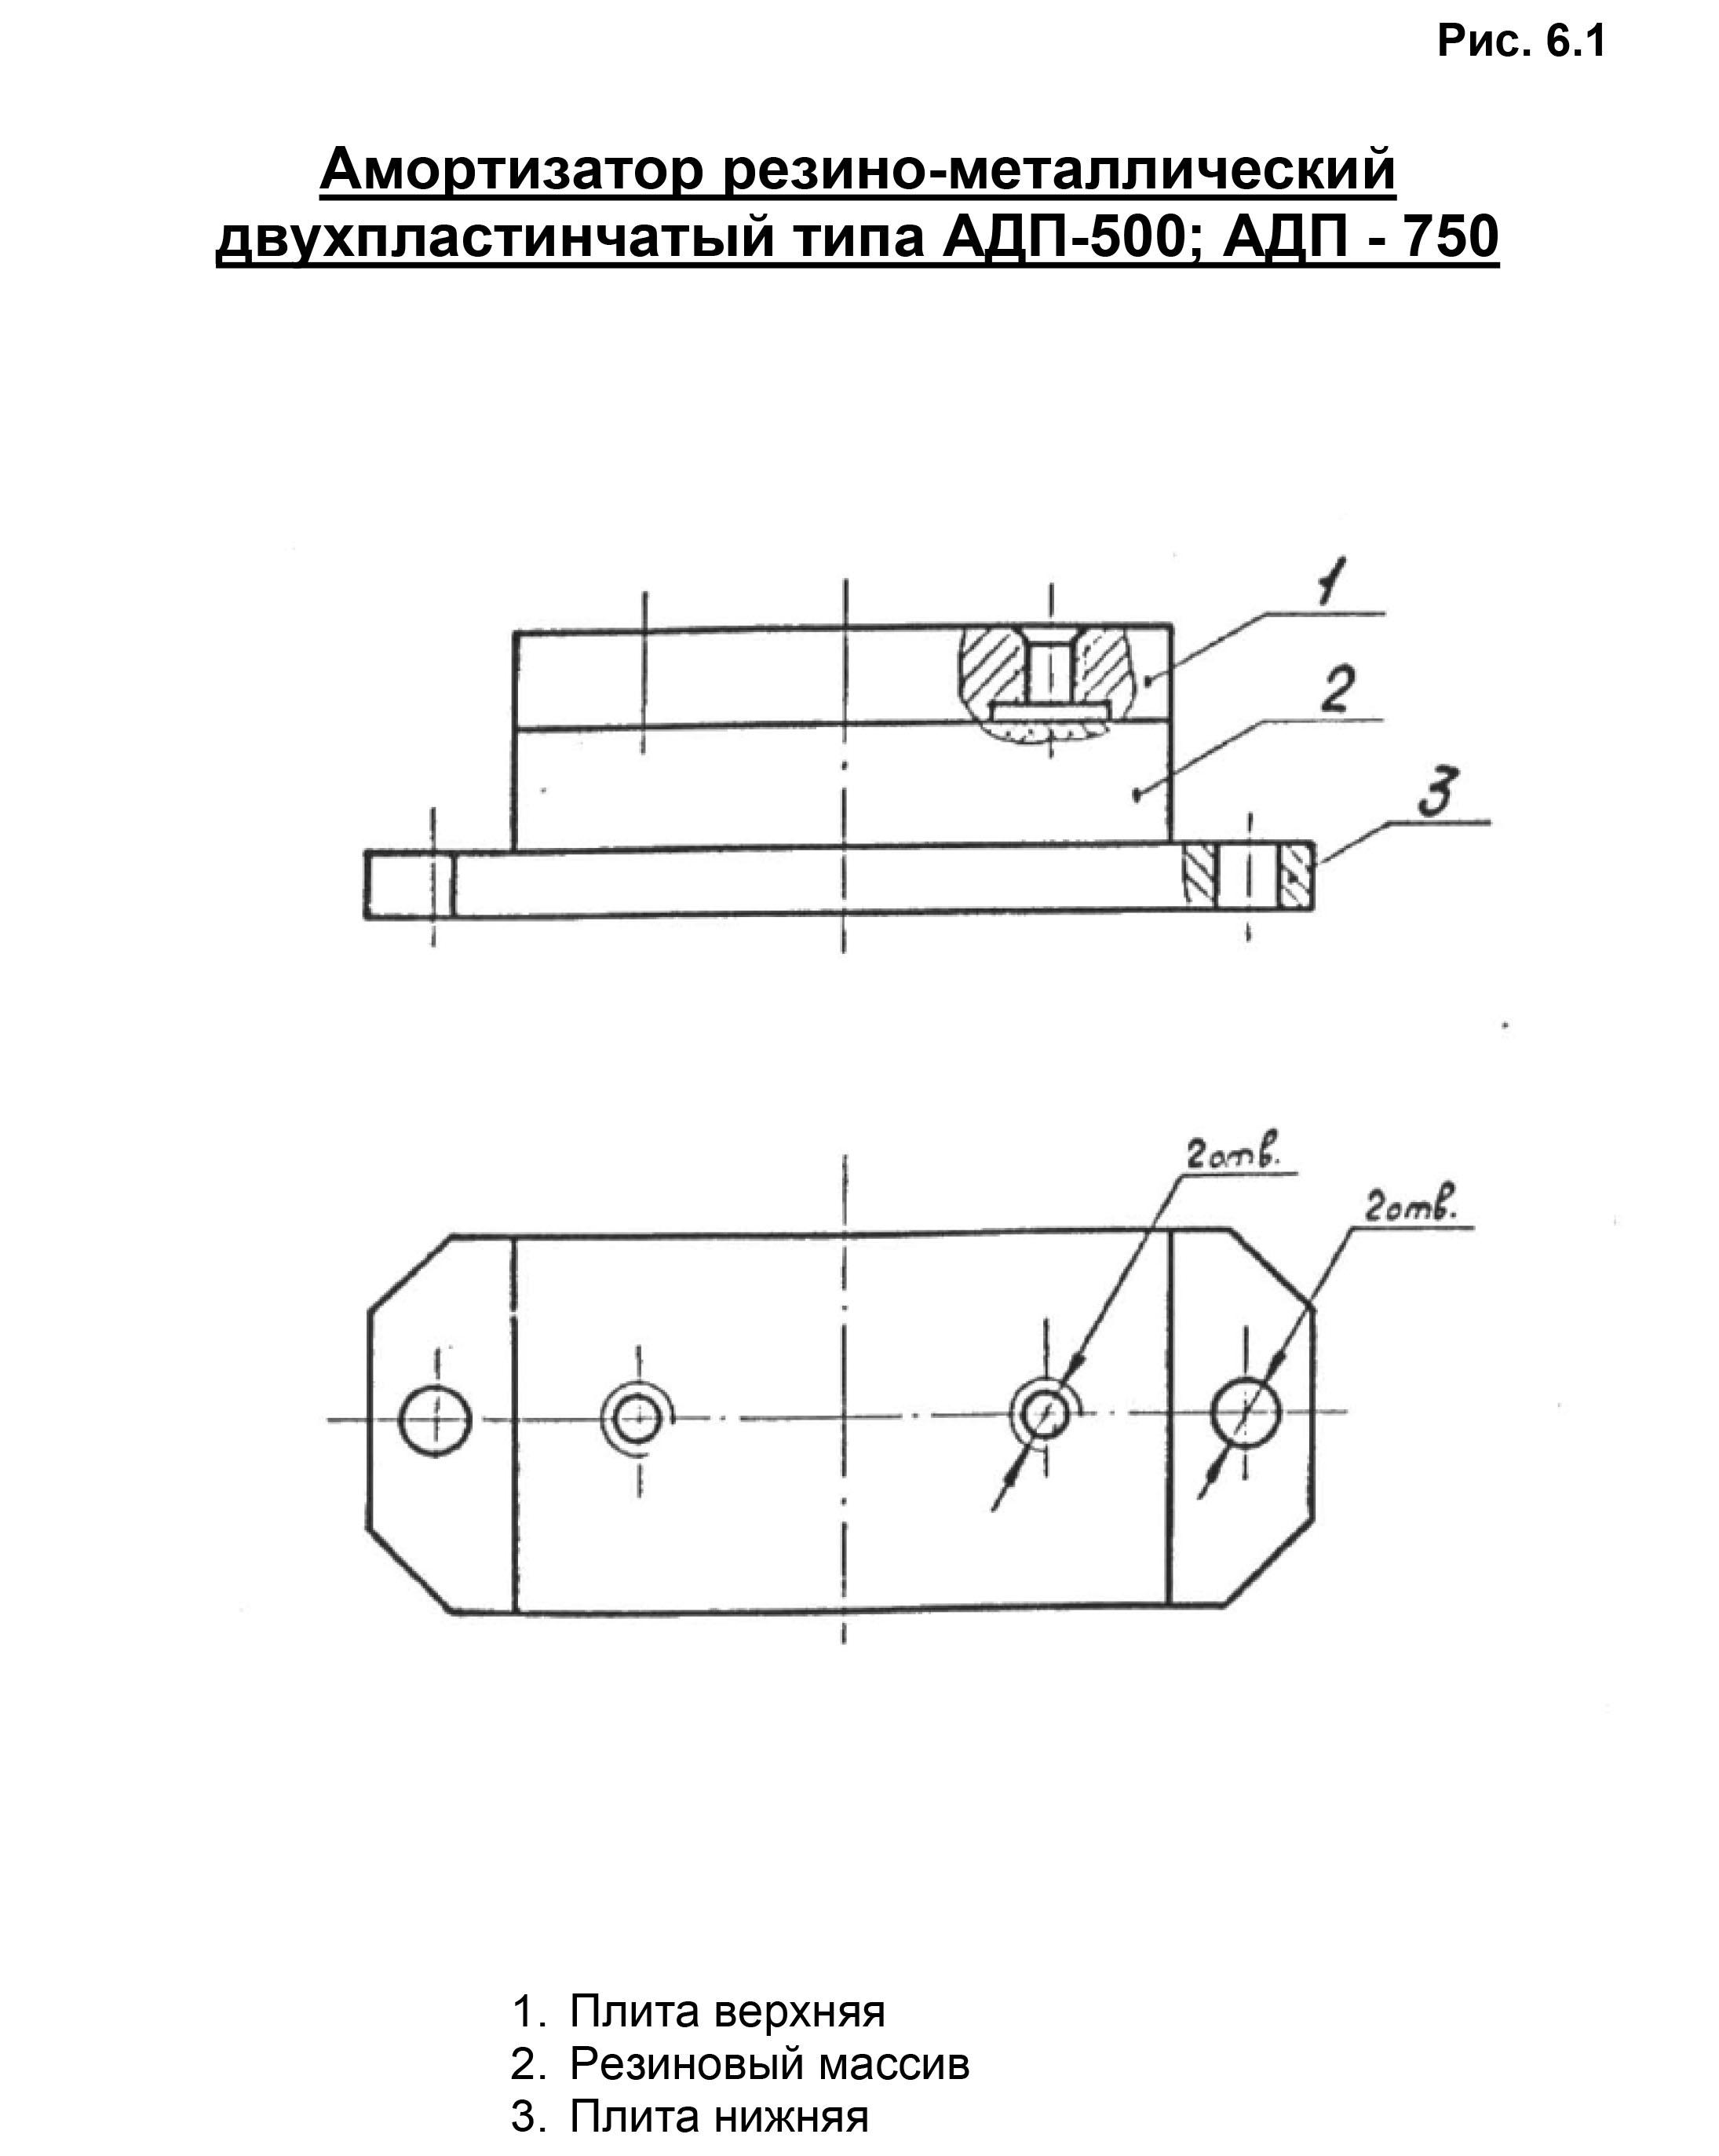 Амортизатор АДП-500  АДП-750